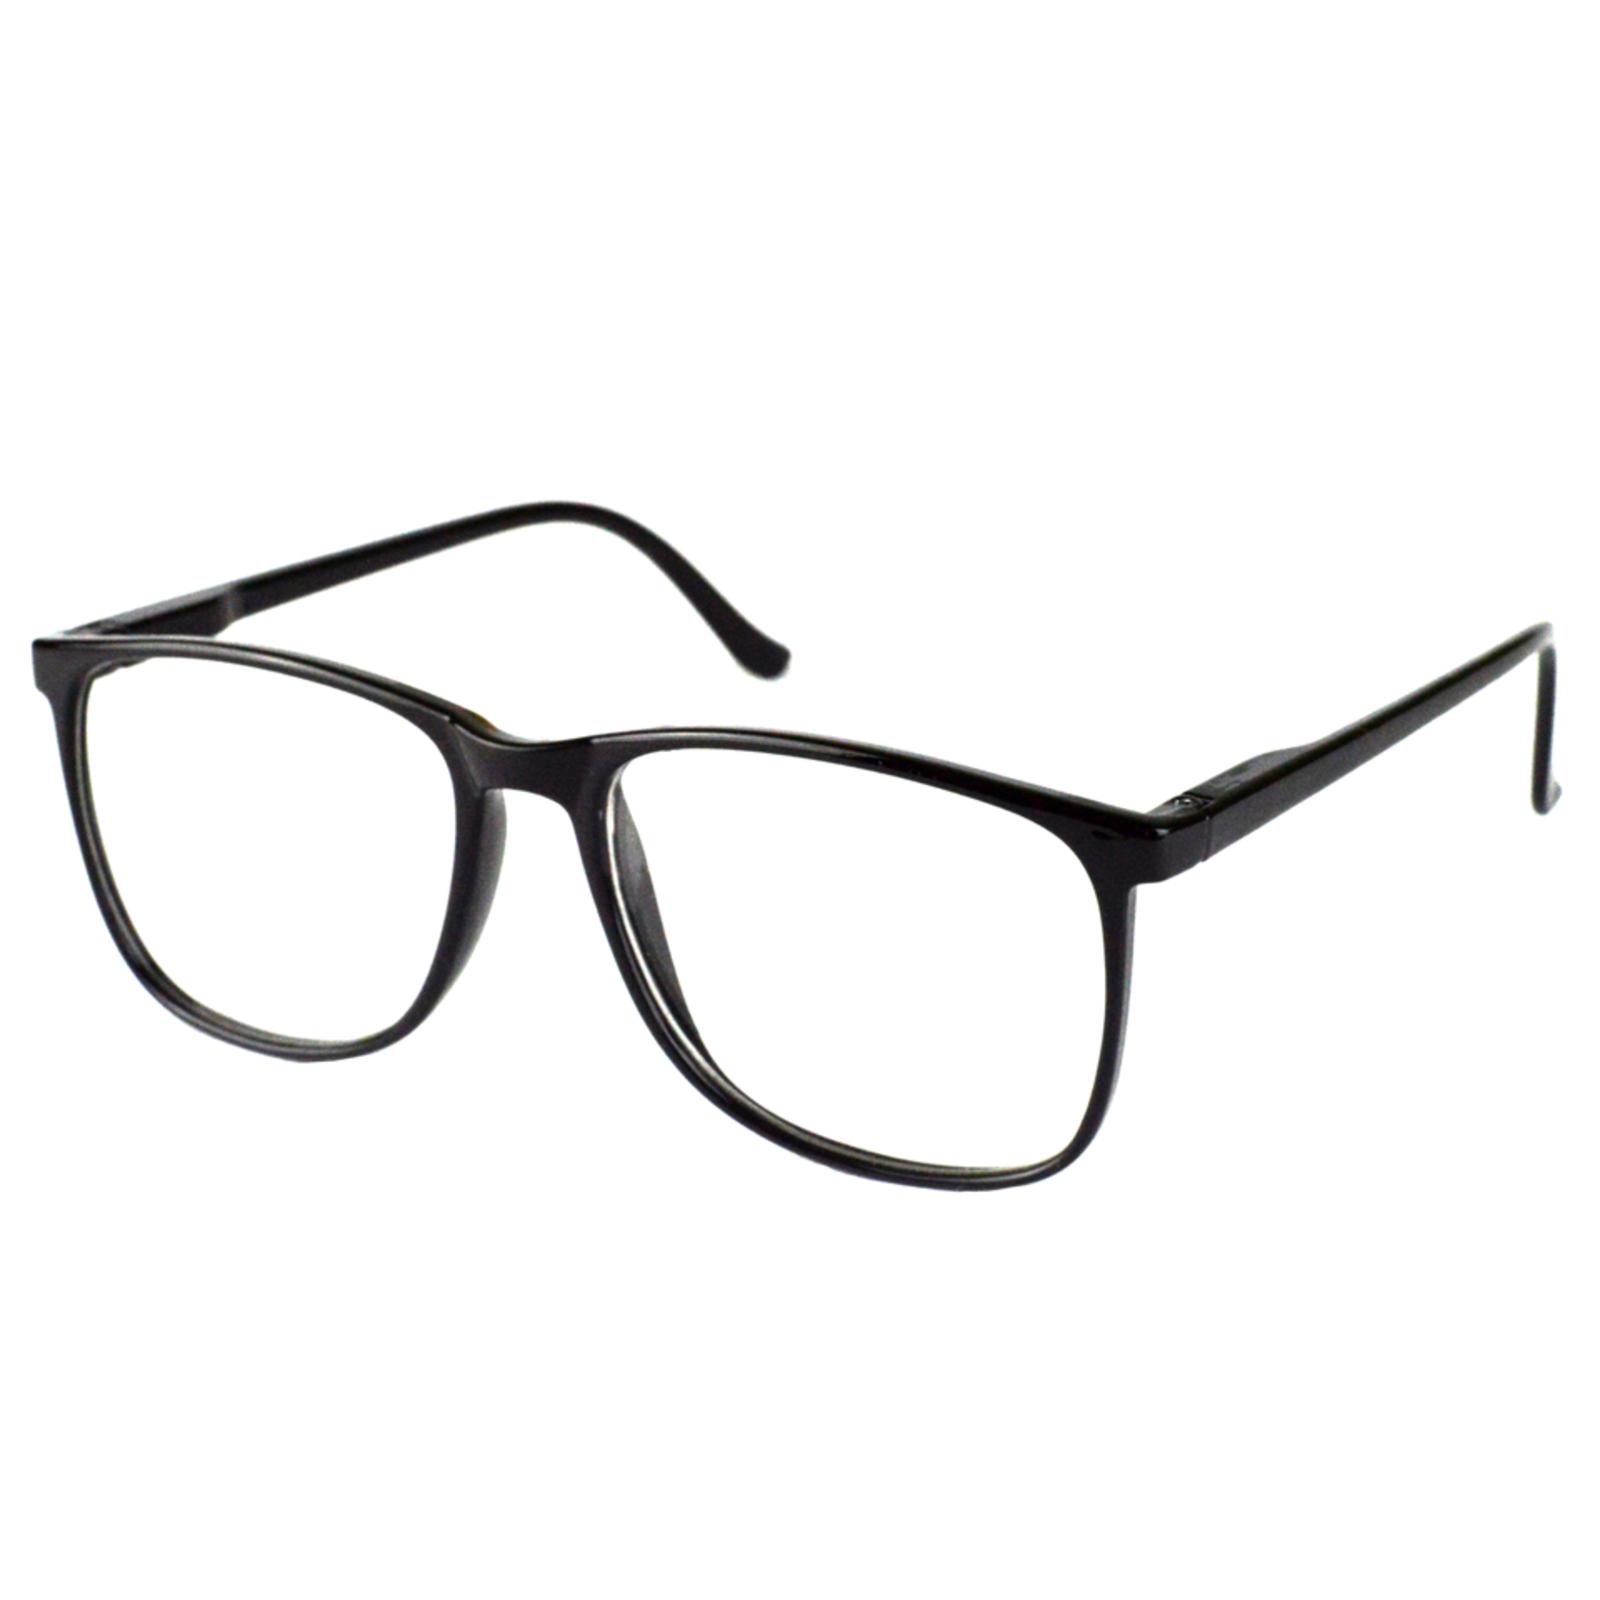 Armacao Oculos De Grau Izaker Quadrado Preto M 6602 Com Imagens